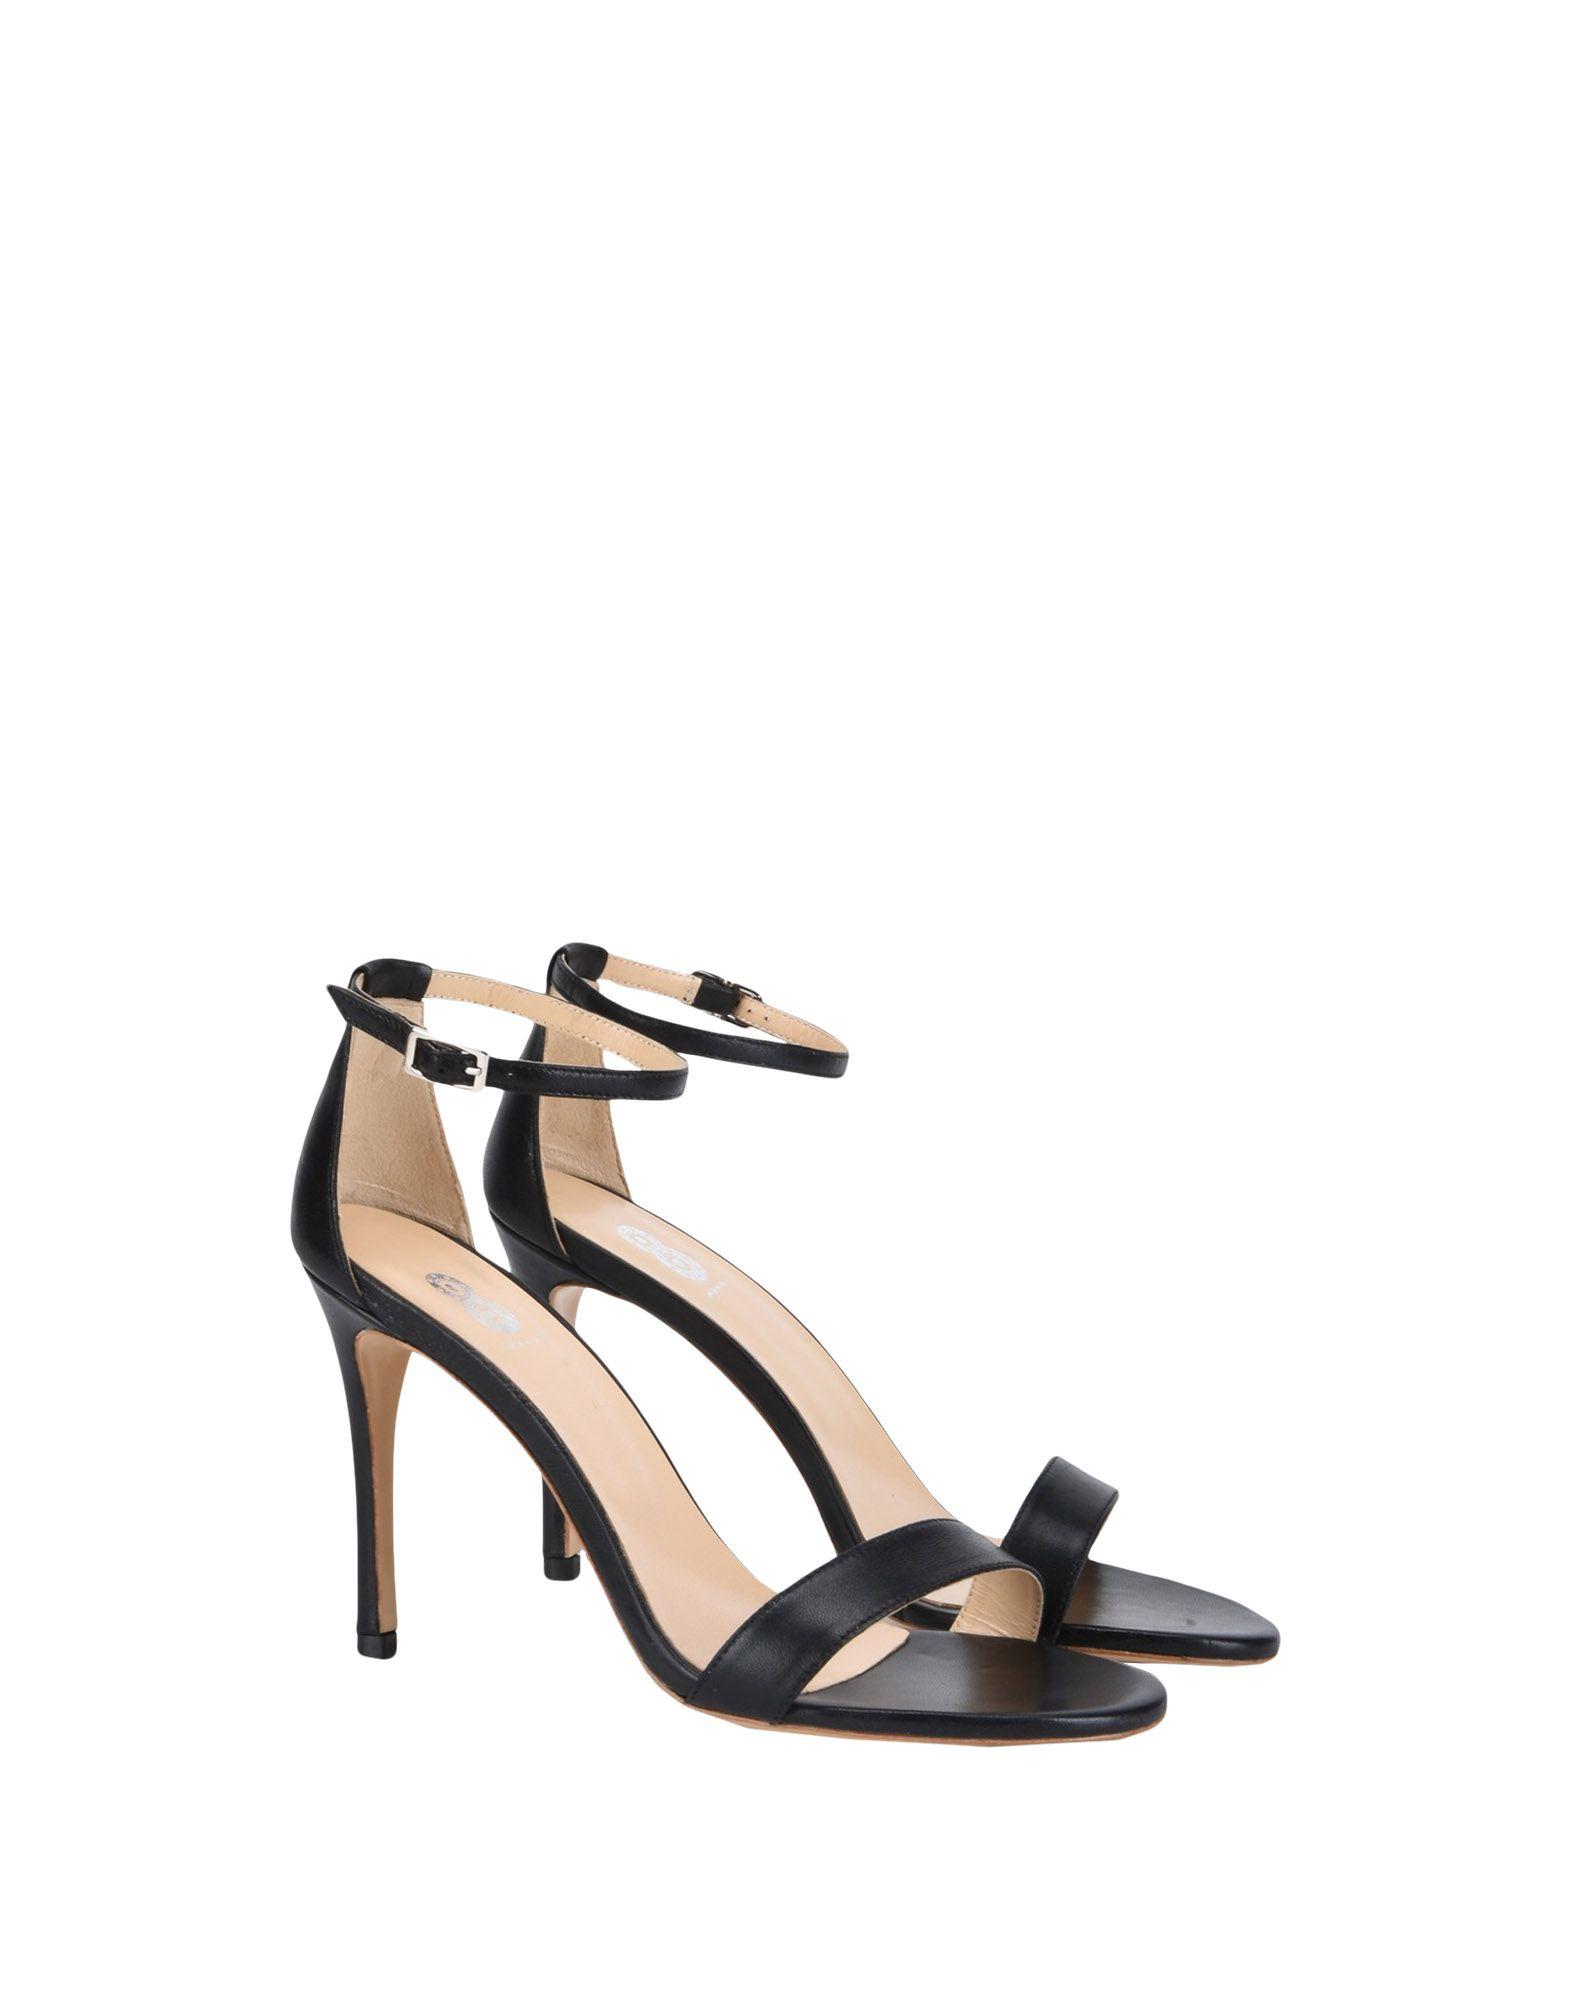 8 Sandalen Damen Qualität  11413517UD Gute Qualität Damen beliebte Schuhe 163f74